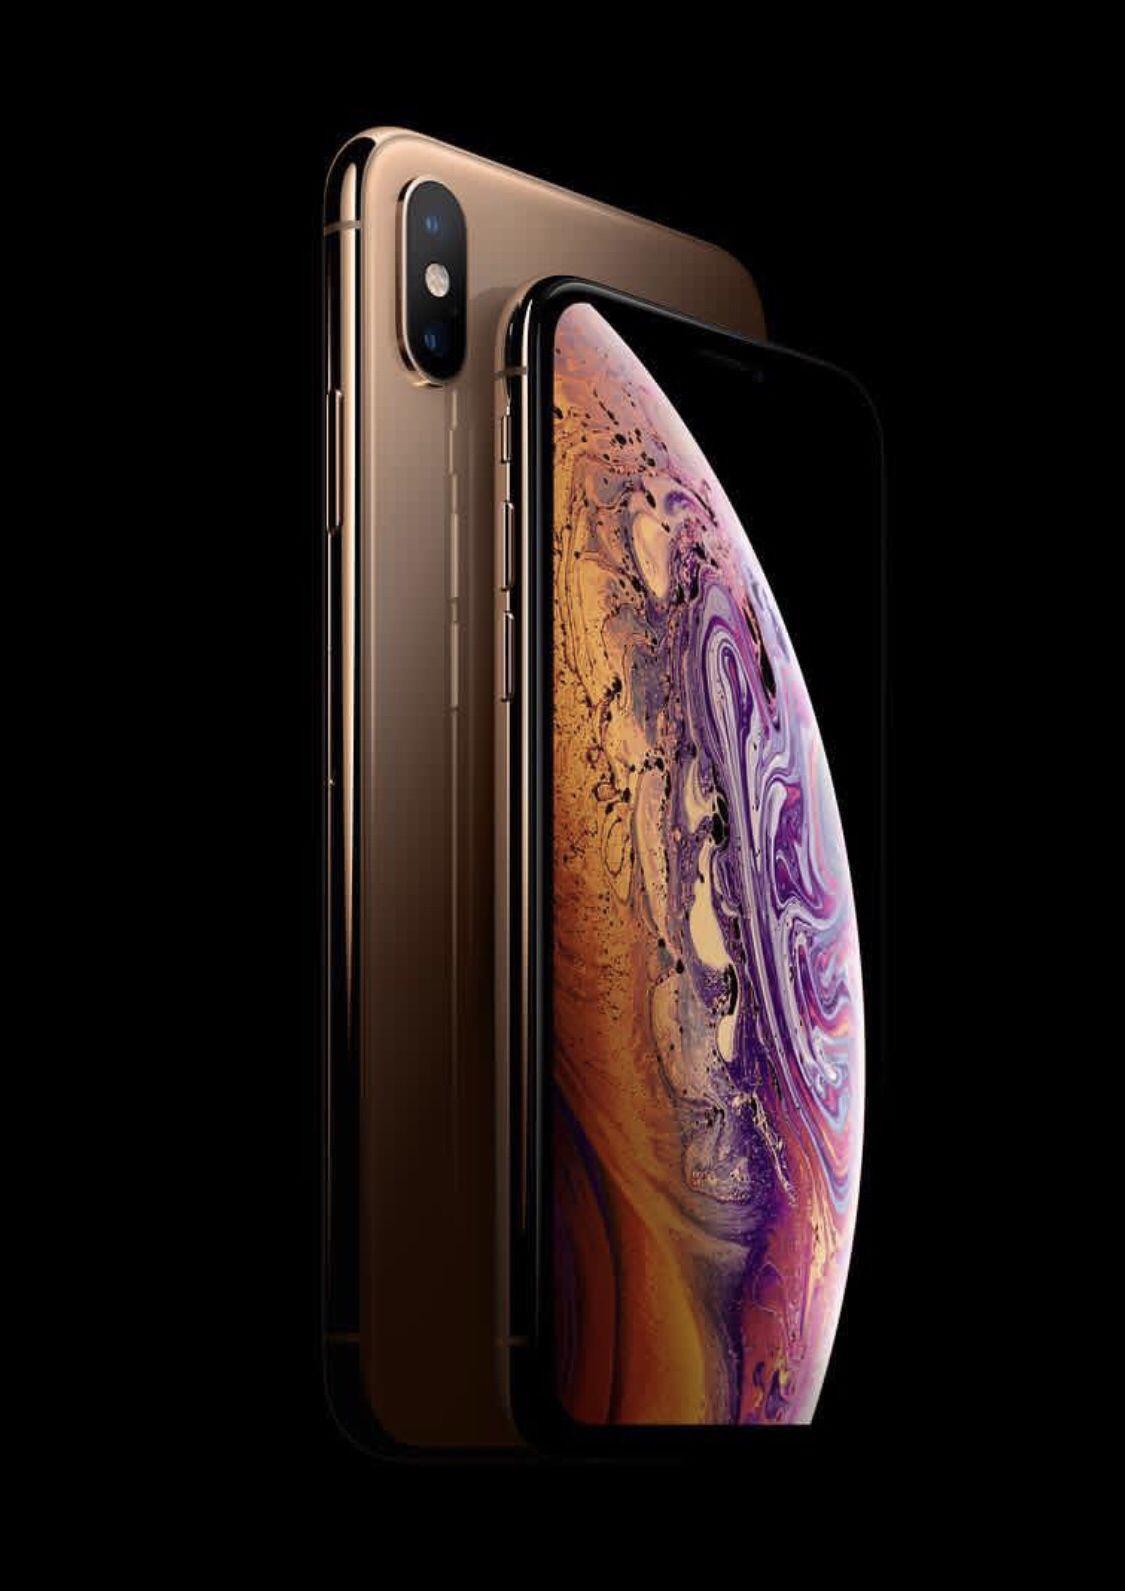 Iphone Xs Iphonexs Apple 2018 Wallpaper Iphone Xs Max